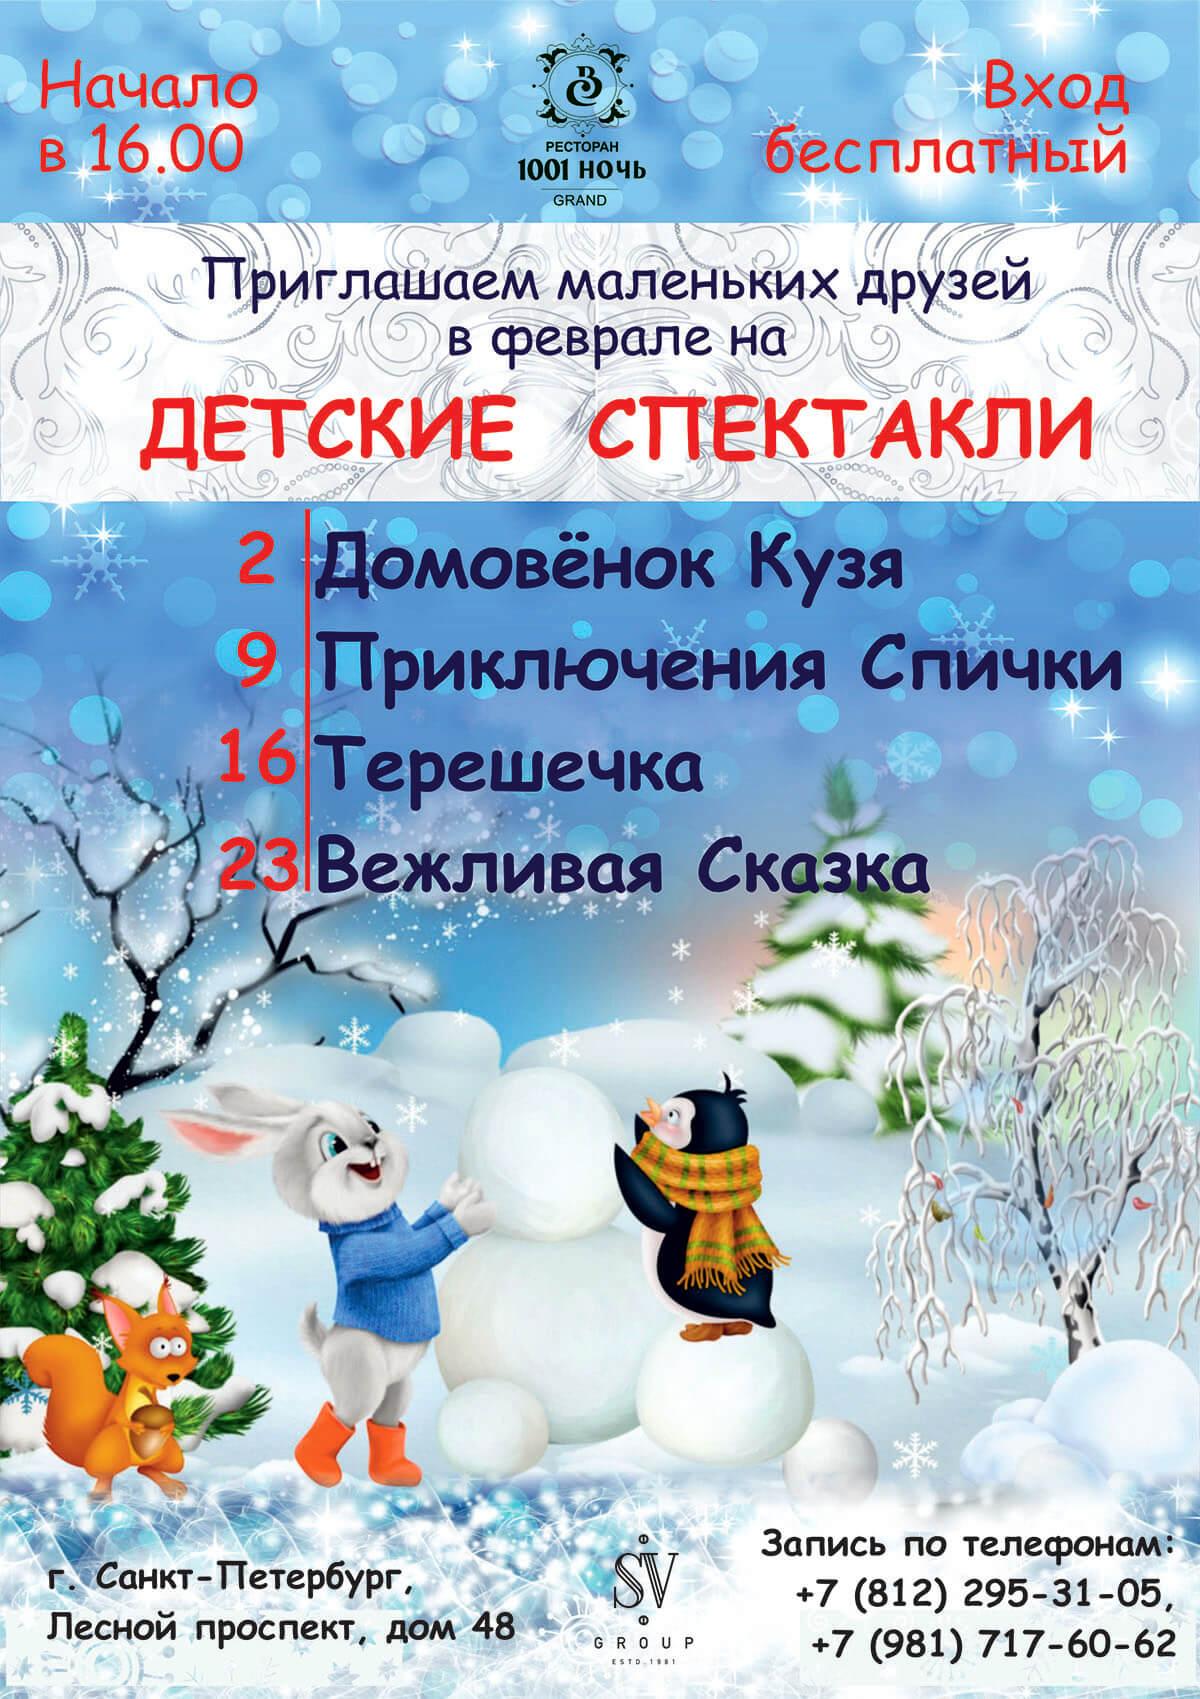 Афиша мероприятий на февраль - ресторан Сказка Востока 1001 ночь